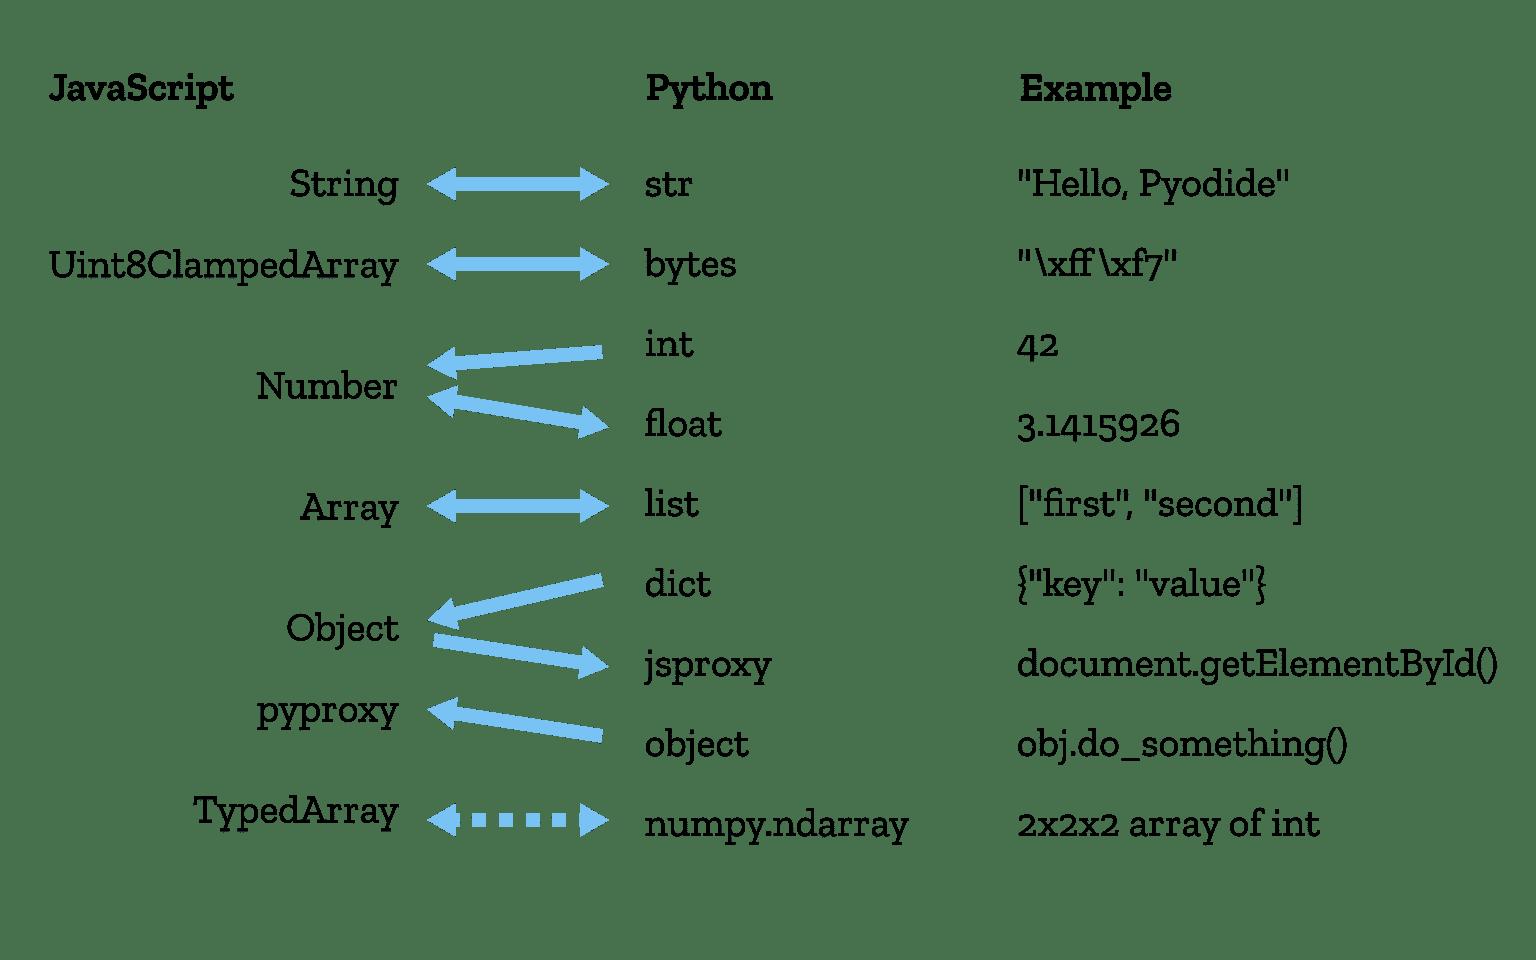 Das Konvertieren von Datenytpen zwischen Python und JavaScript ist nicht immer geradlinig möglich.